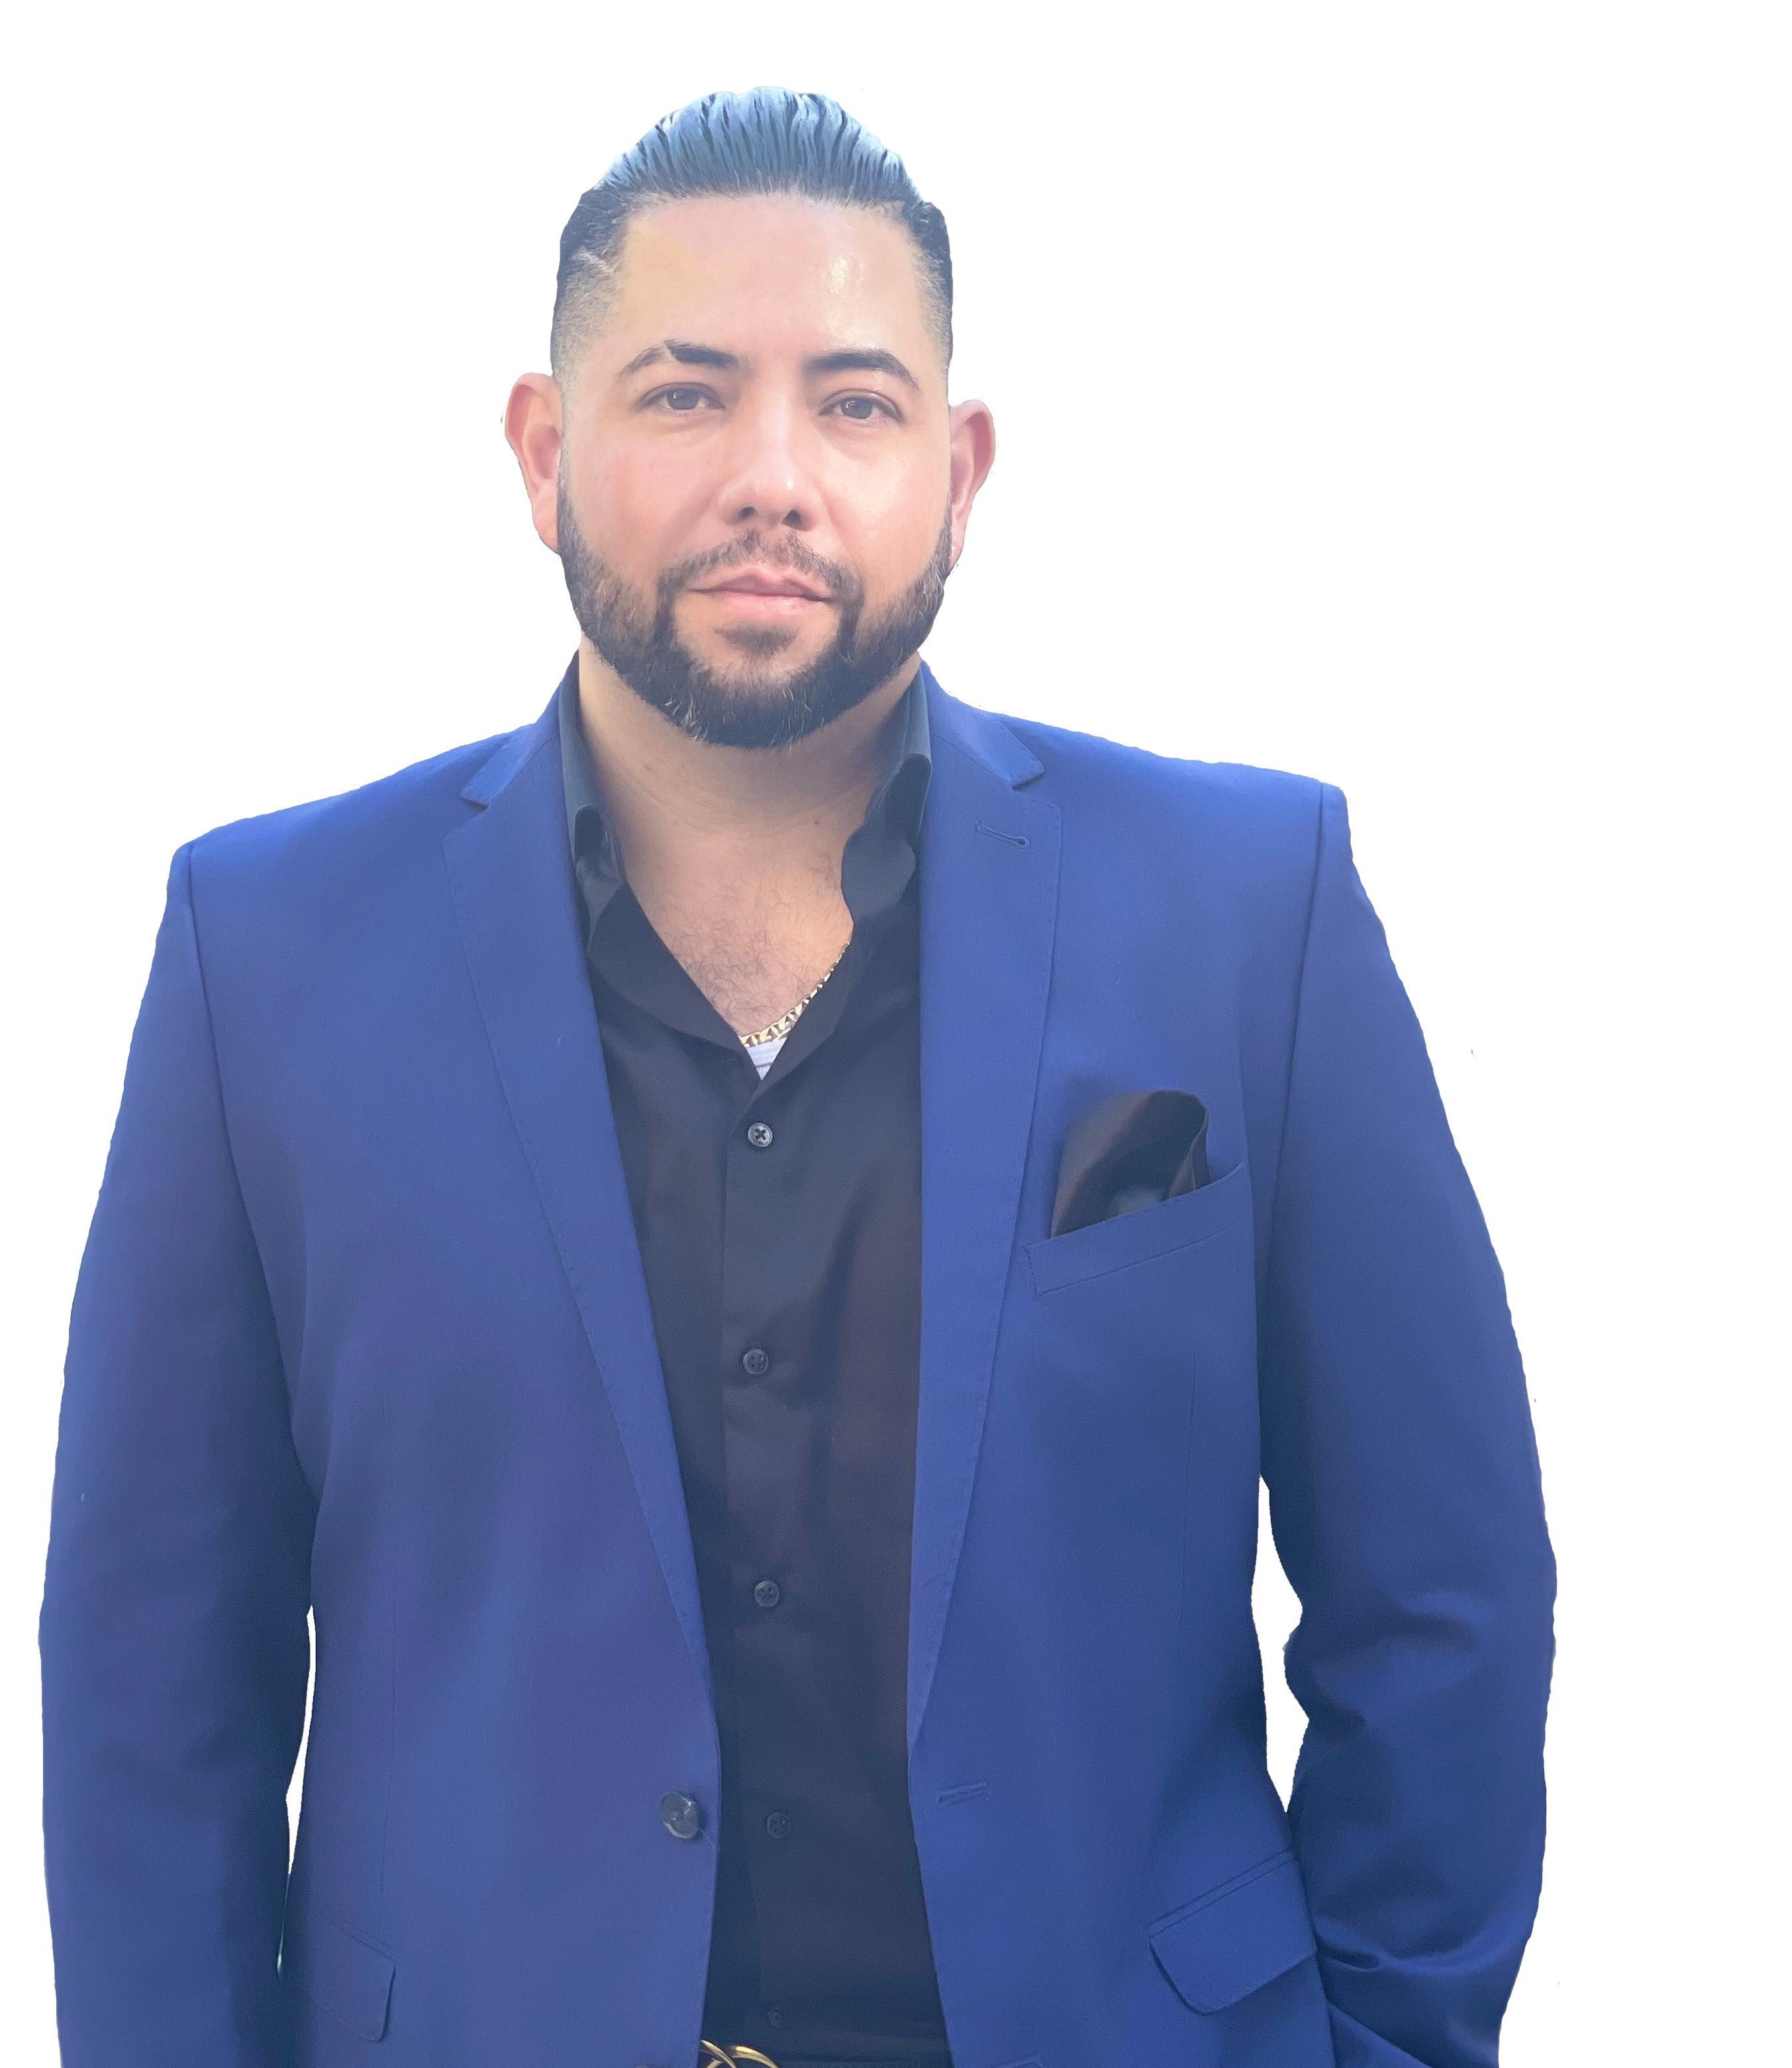 Javier Diaz